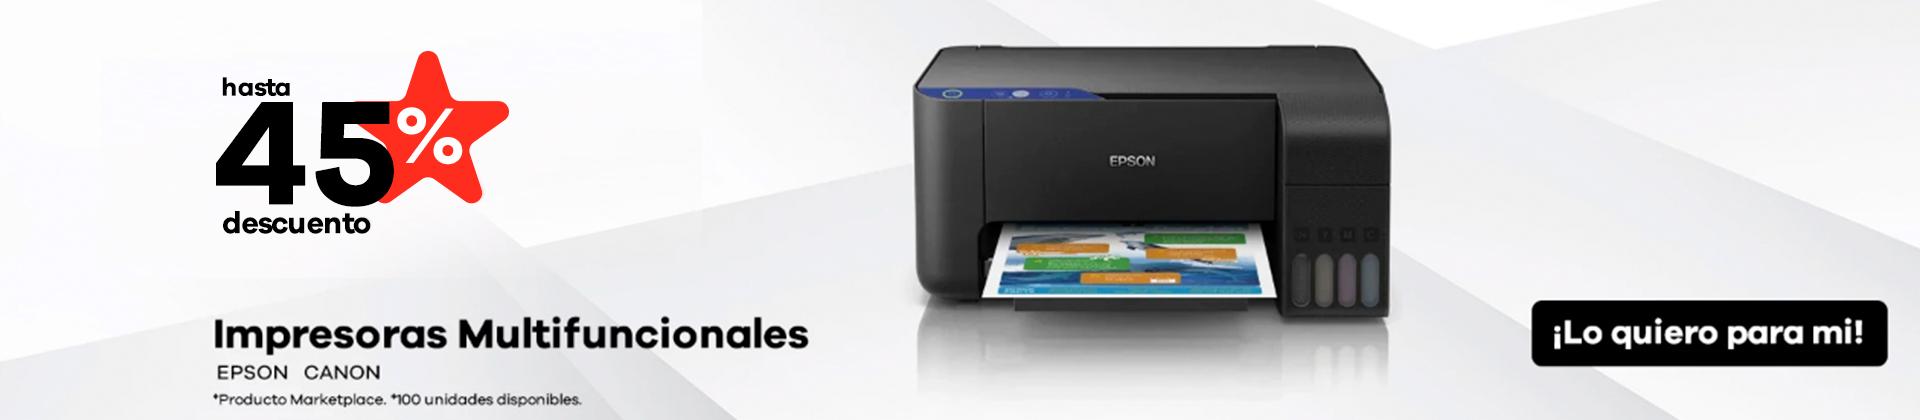 impresoras-multifuncionales